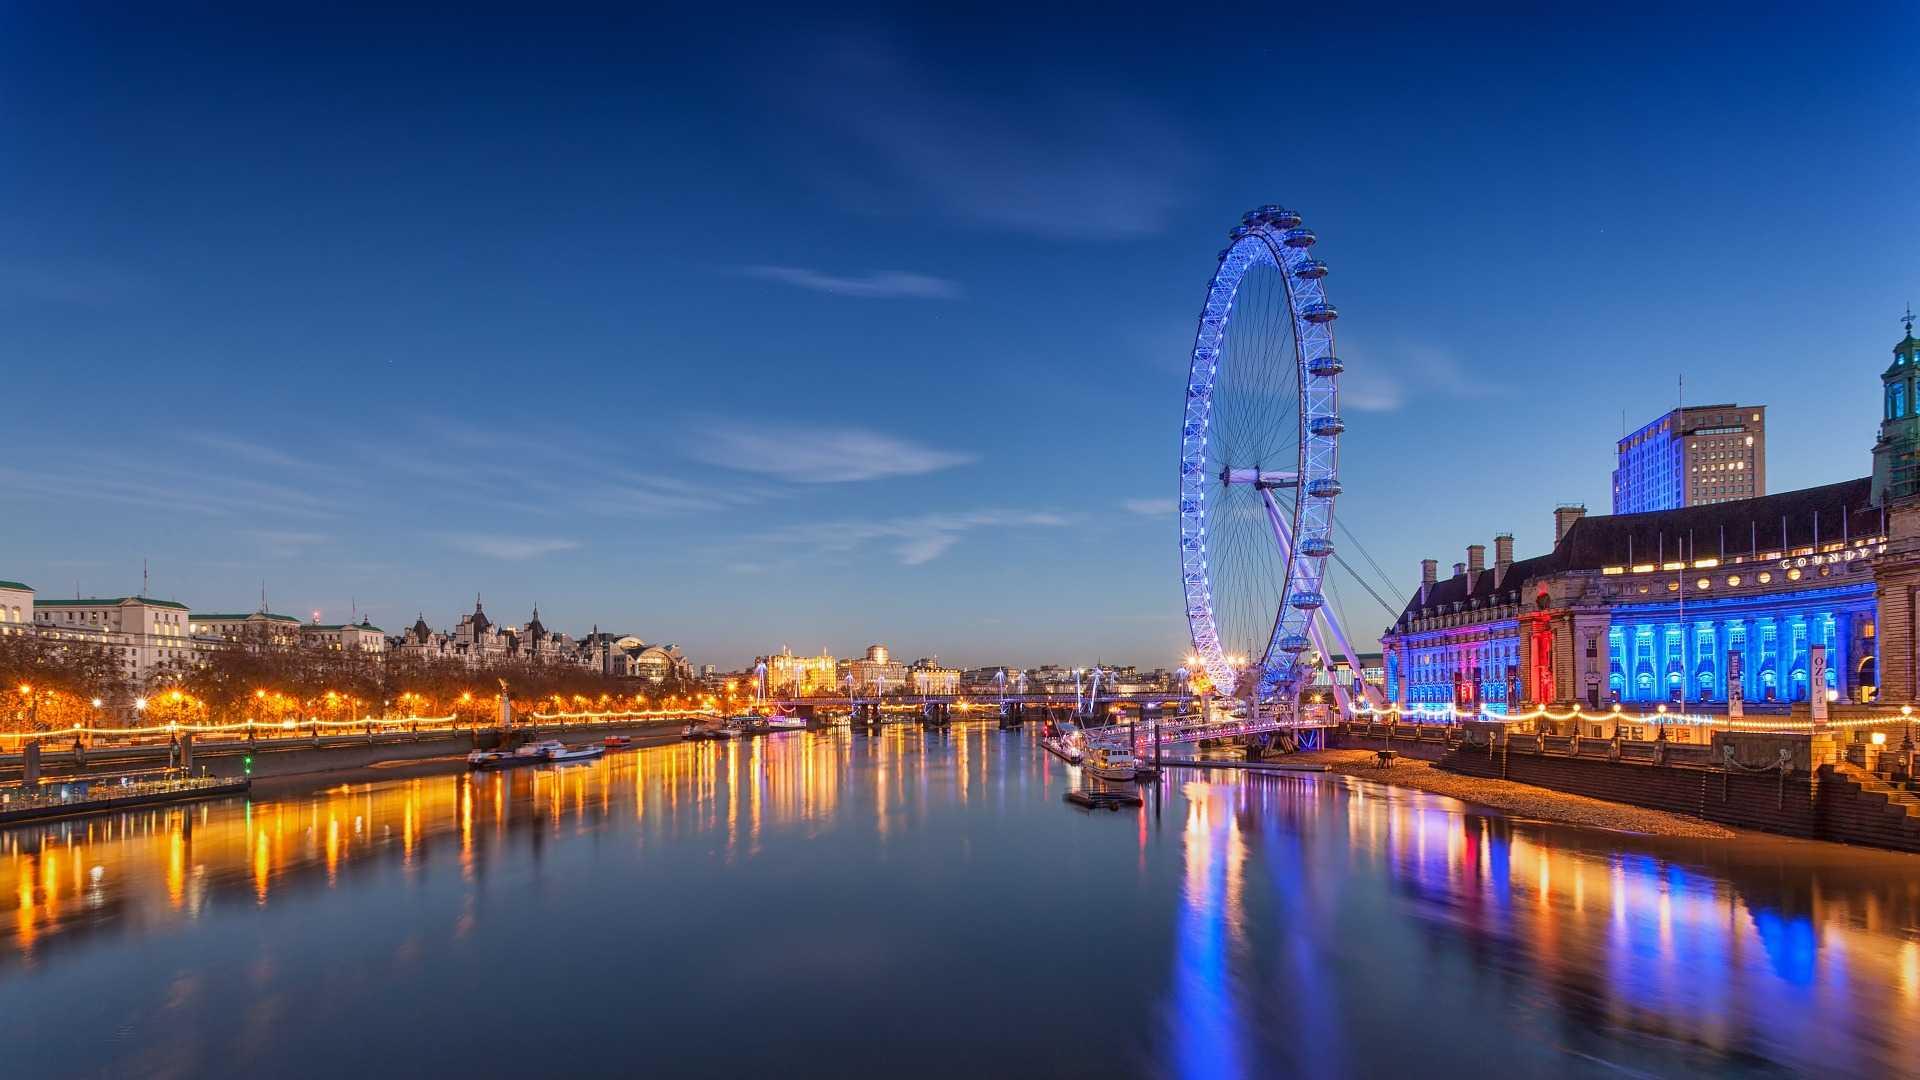 לונדון איי 2021 המדריך השלם - כרטיסים, מחירים ועקיפת התורים